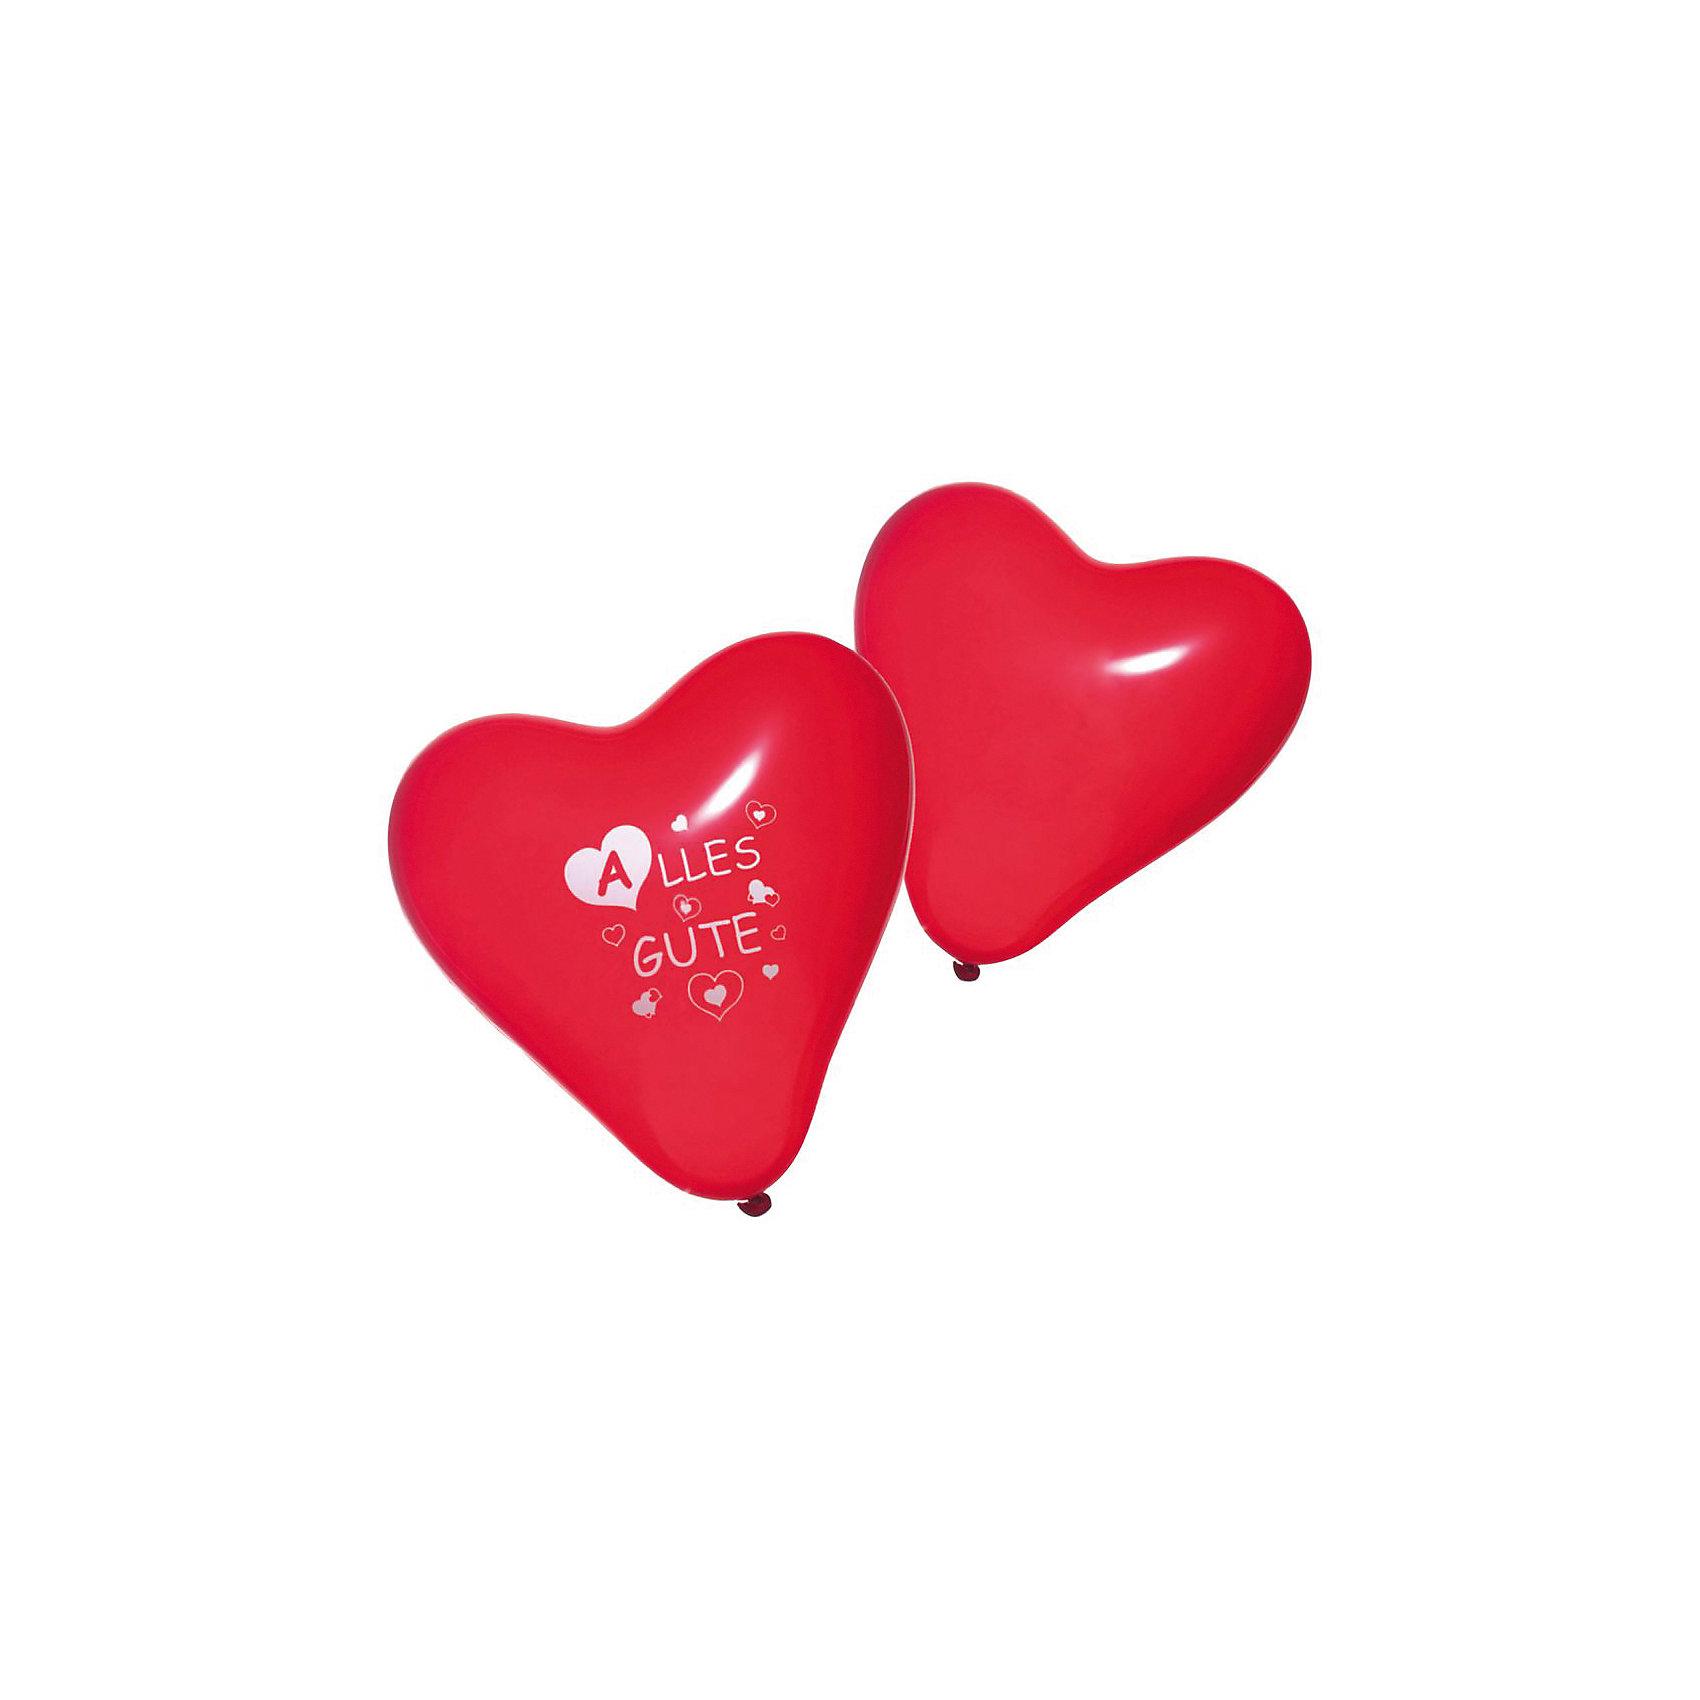 Шары воздушные Сердце, 8 штВсё для праздника<br>Характеристики товара:<br><br>• возраст: от 3 лет<br>• цвет: красный<br>• материал: биоразлагаемый латекс<br>• размер упаковки: 3х13х20 см<br>•  для надувания гелием или воздухом<br>• комплектация: 8 шт<br>• вес: 50 г<br>• страна бренда: Германия<br>• страна изготовитель: Германия<br><br>Ярко-красные воздушные шары в форме сердечек добавят красок и романтического настроения. Эти шарики подойдут для празднования дней рождений, свадеб и других торжественных случаев.<br><br>Изделие произведено из безопасного для детей материала.<br><br><br>Шары воздушные «Сердце», 8 шт от бренда Herlitz (Херлиц) можно купить в нашем интернет-магазине.<br><br>Ширина мм: 15<br>Глубина мм: 128<br>Высота мм: 200<br>Вес г: 58<br>Возраст от месяцев: 36<br>Возраст до месяцев: 2147483647<br>Пол: Унисекс<br>Возраст: Детский<br>SKU: 6886502